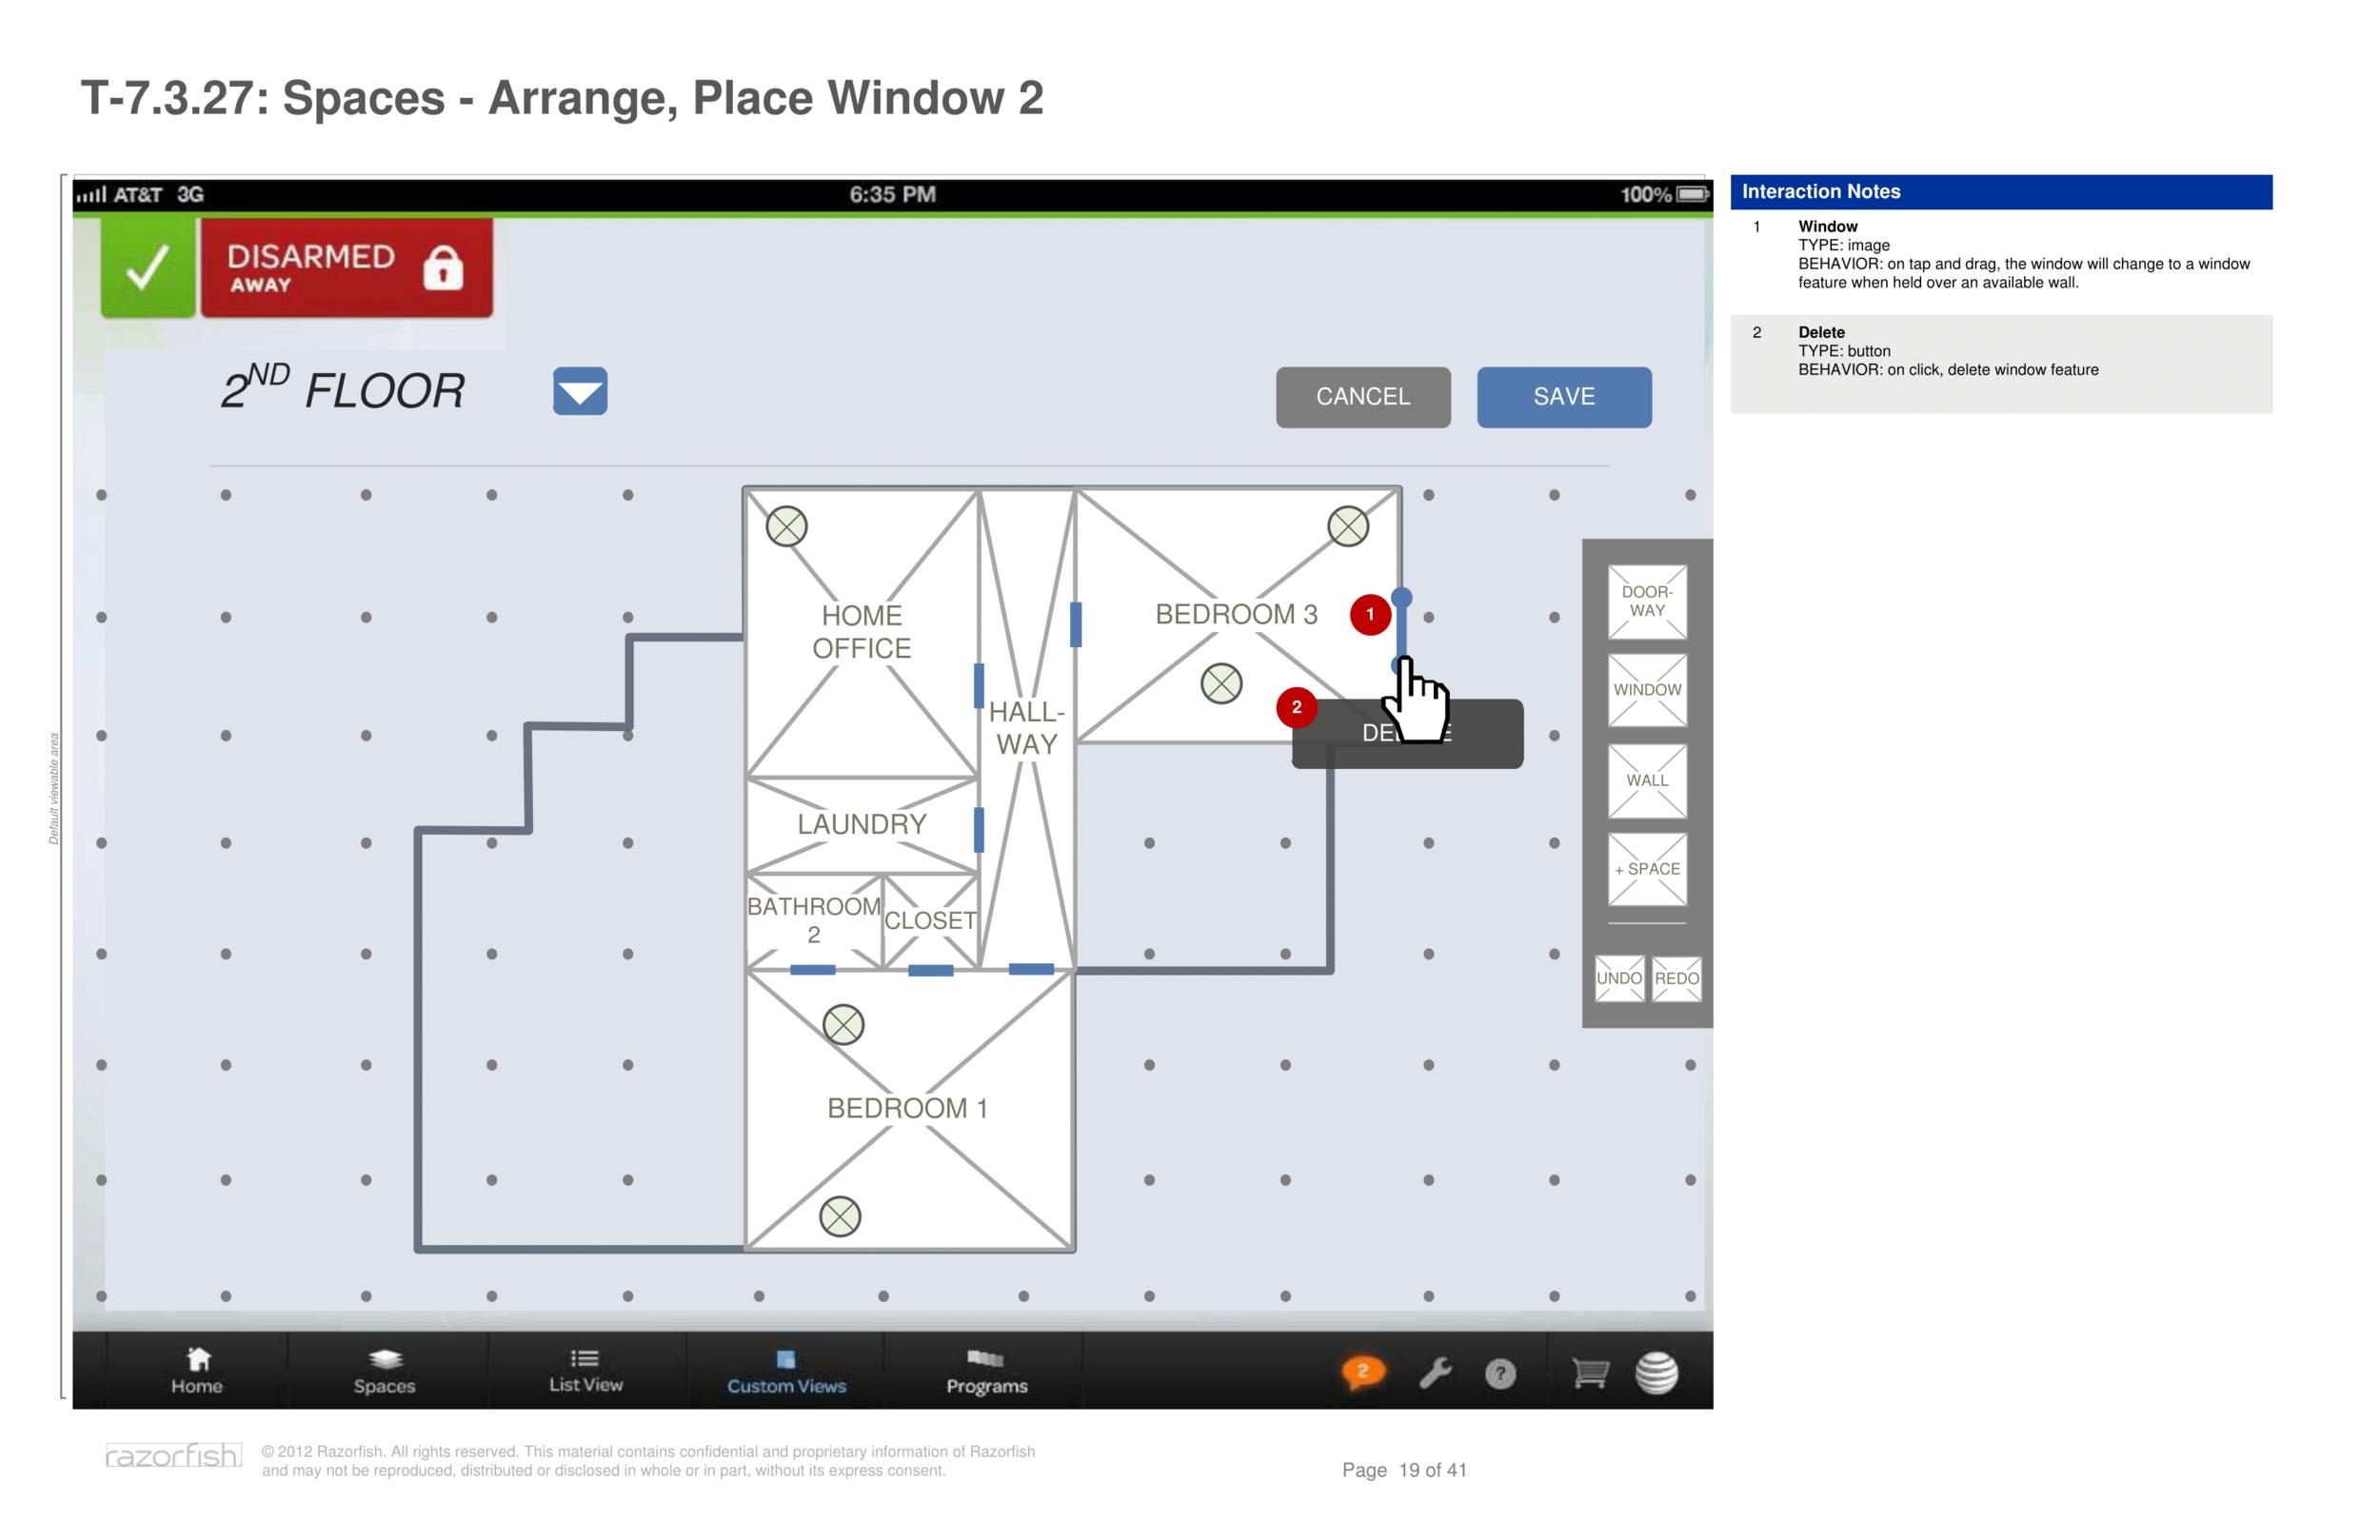 portfolio ATTDL_P1_iPad_Spaces_Wires_Draft_032612-19.png